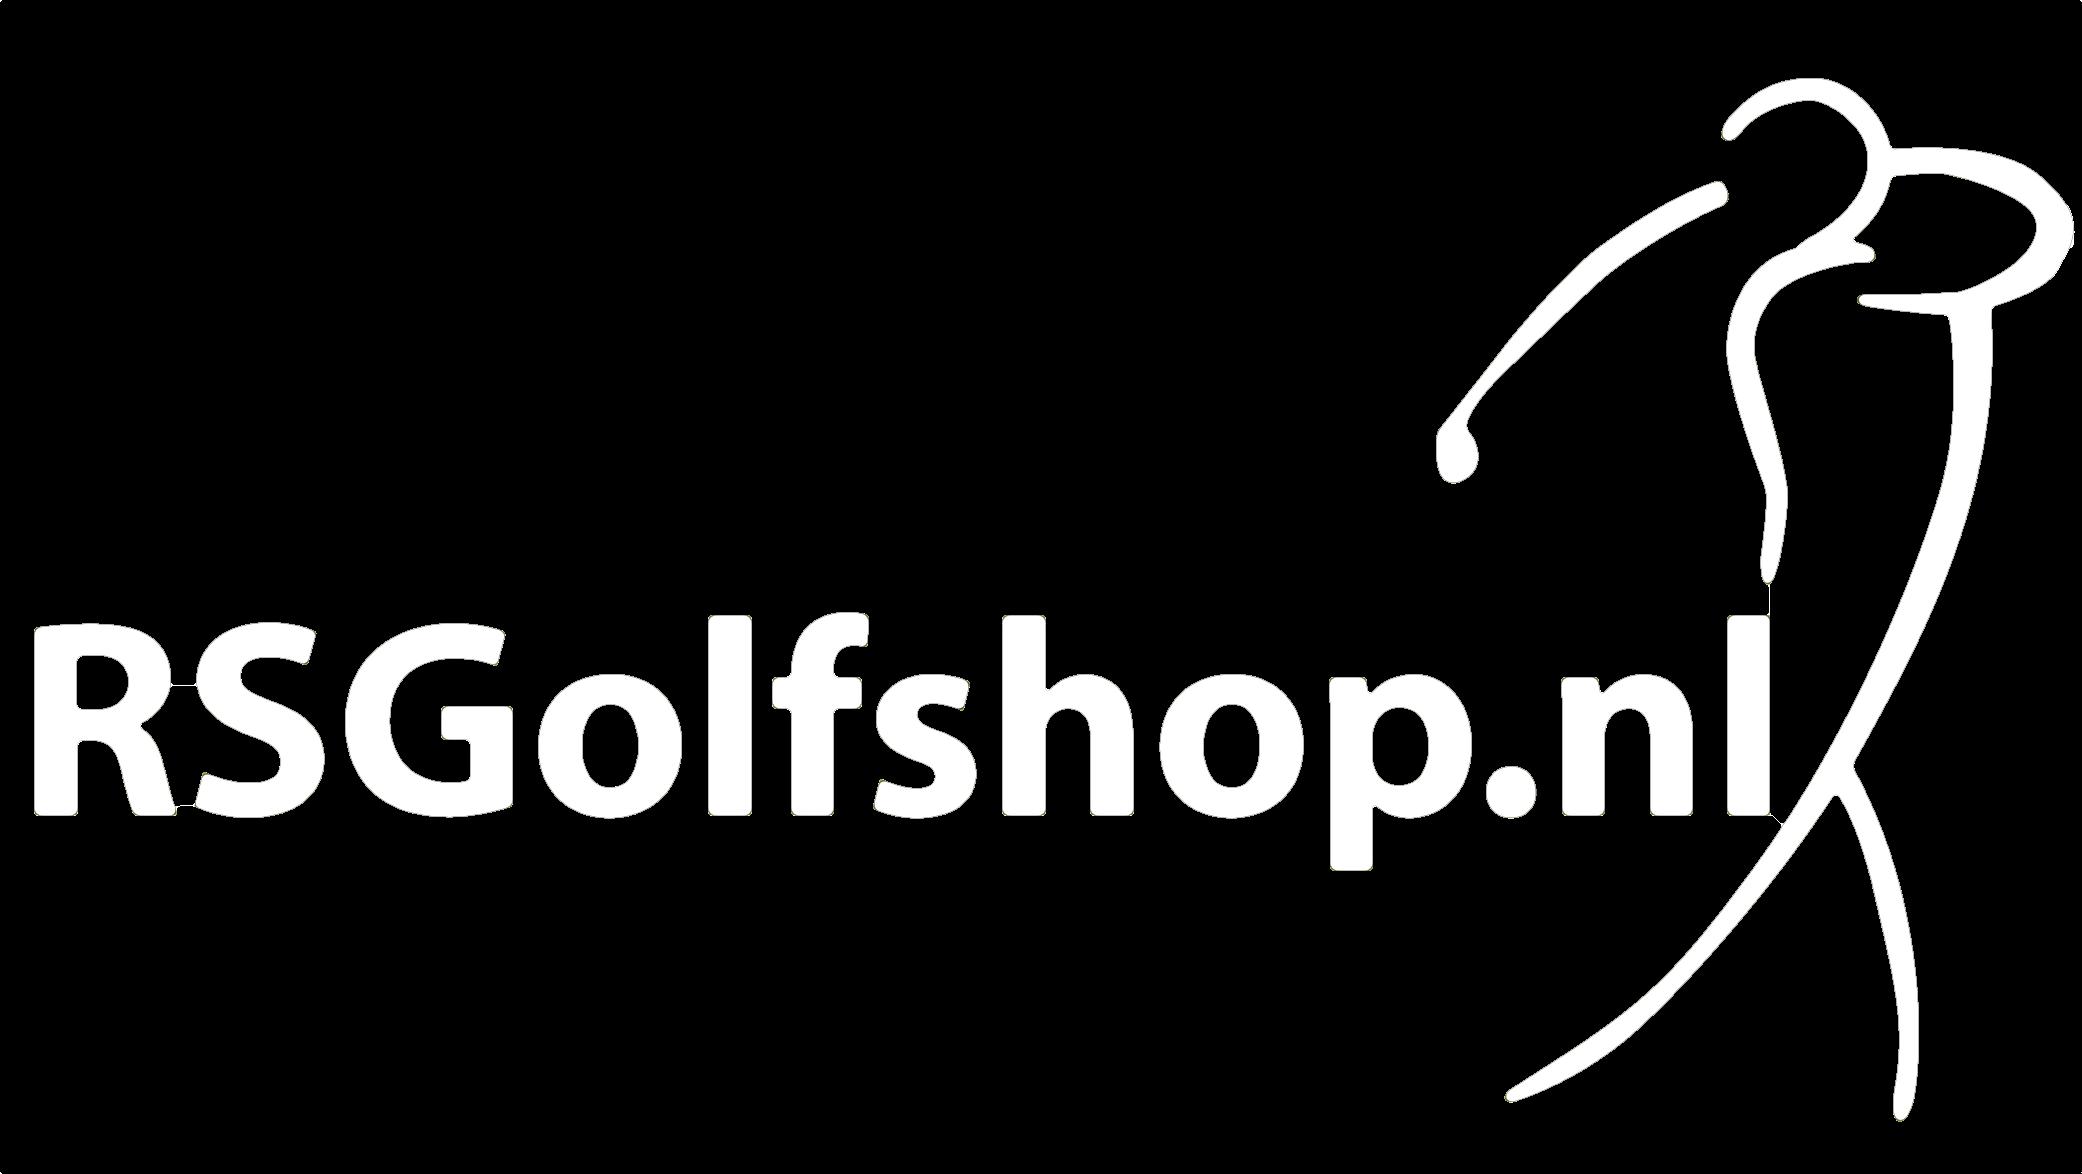 RSGolfshop